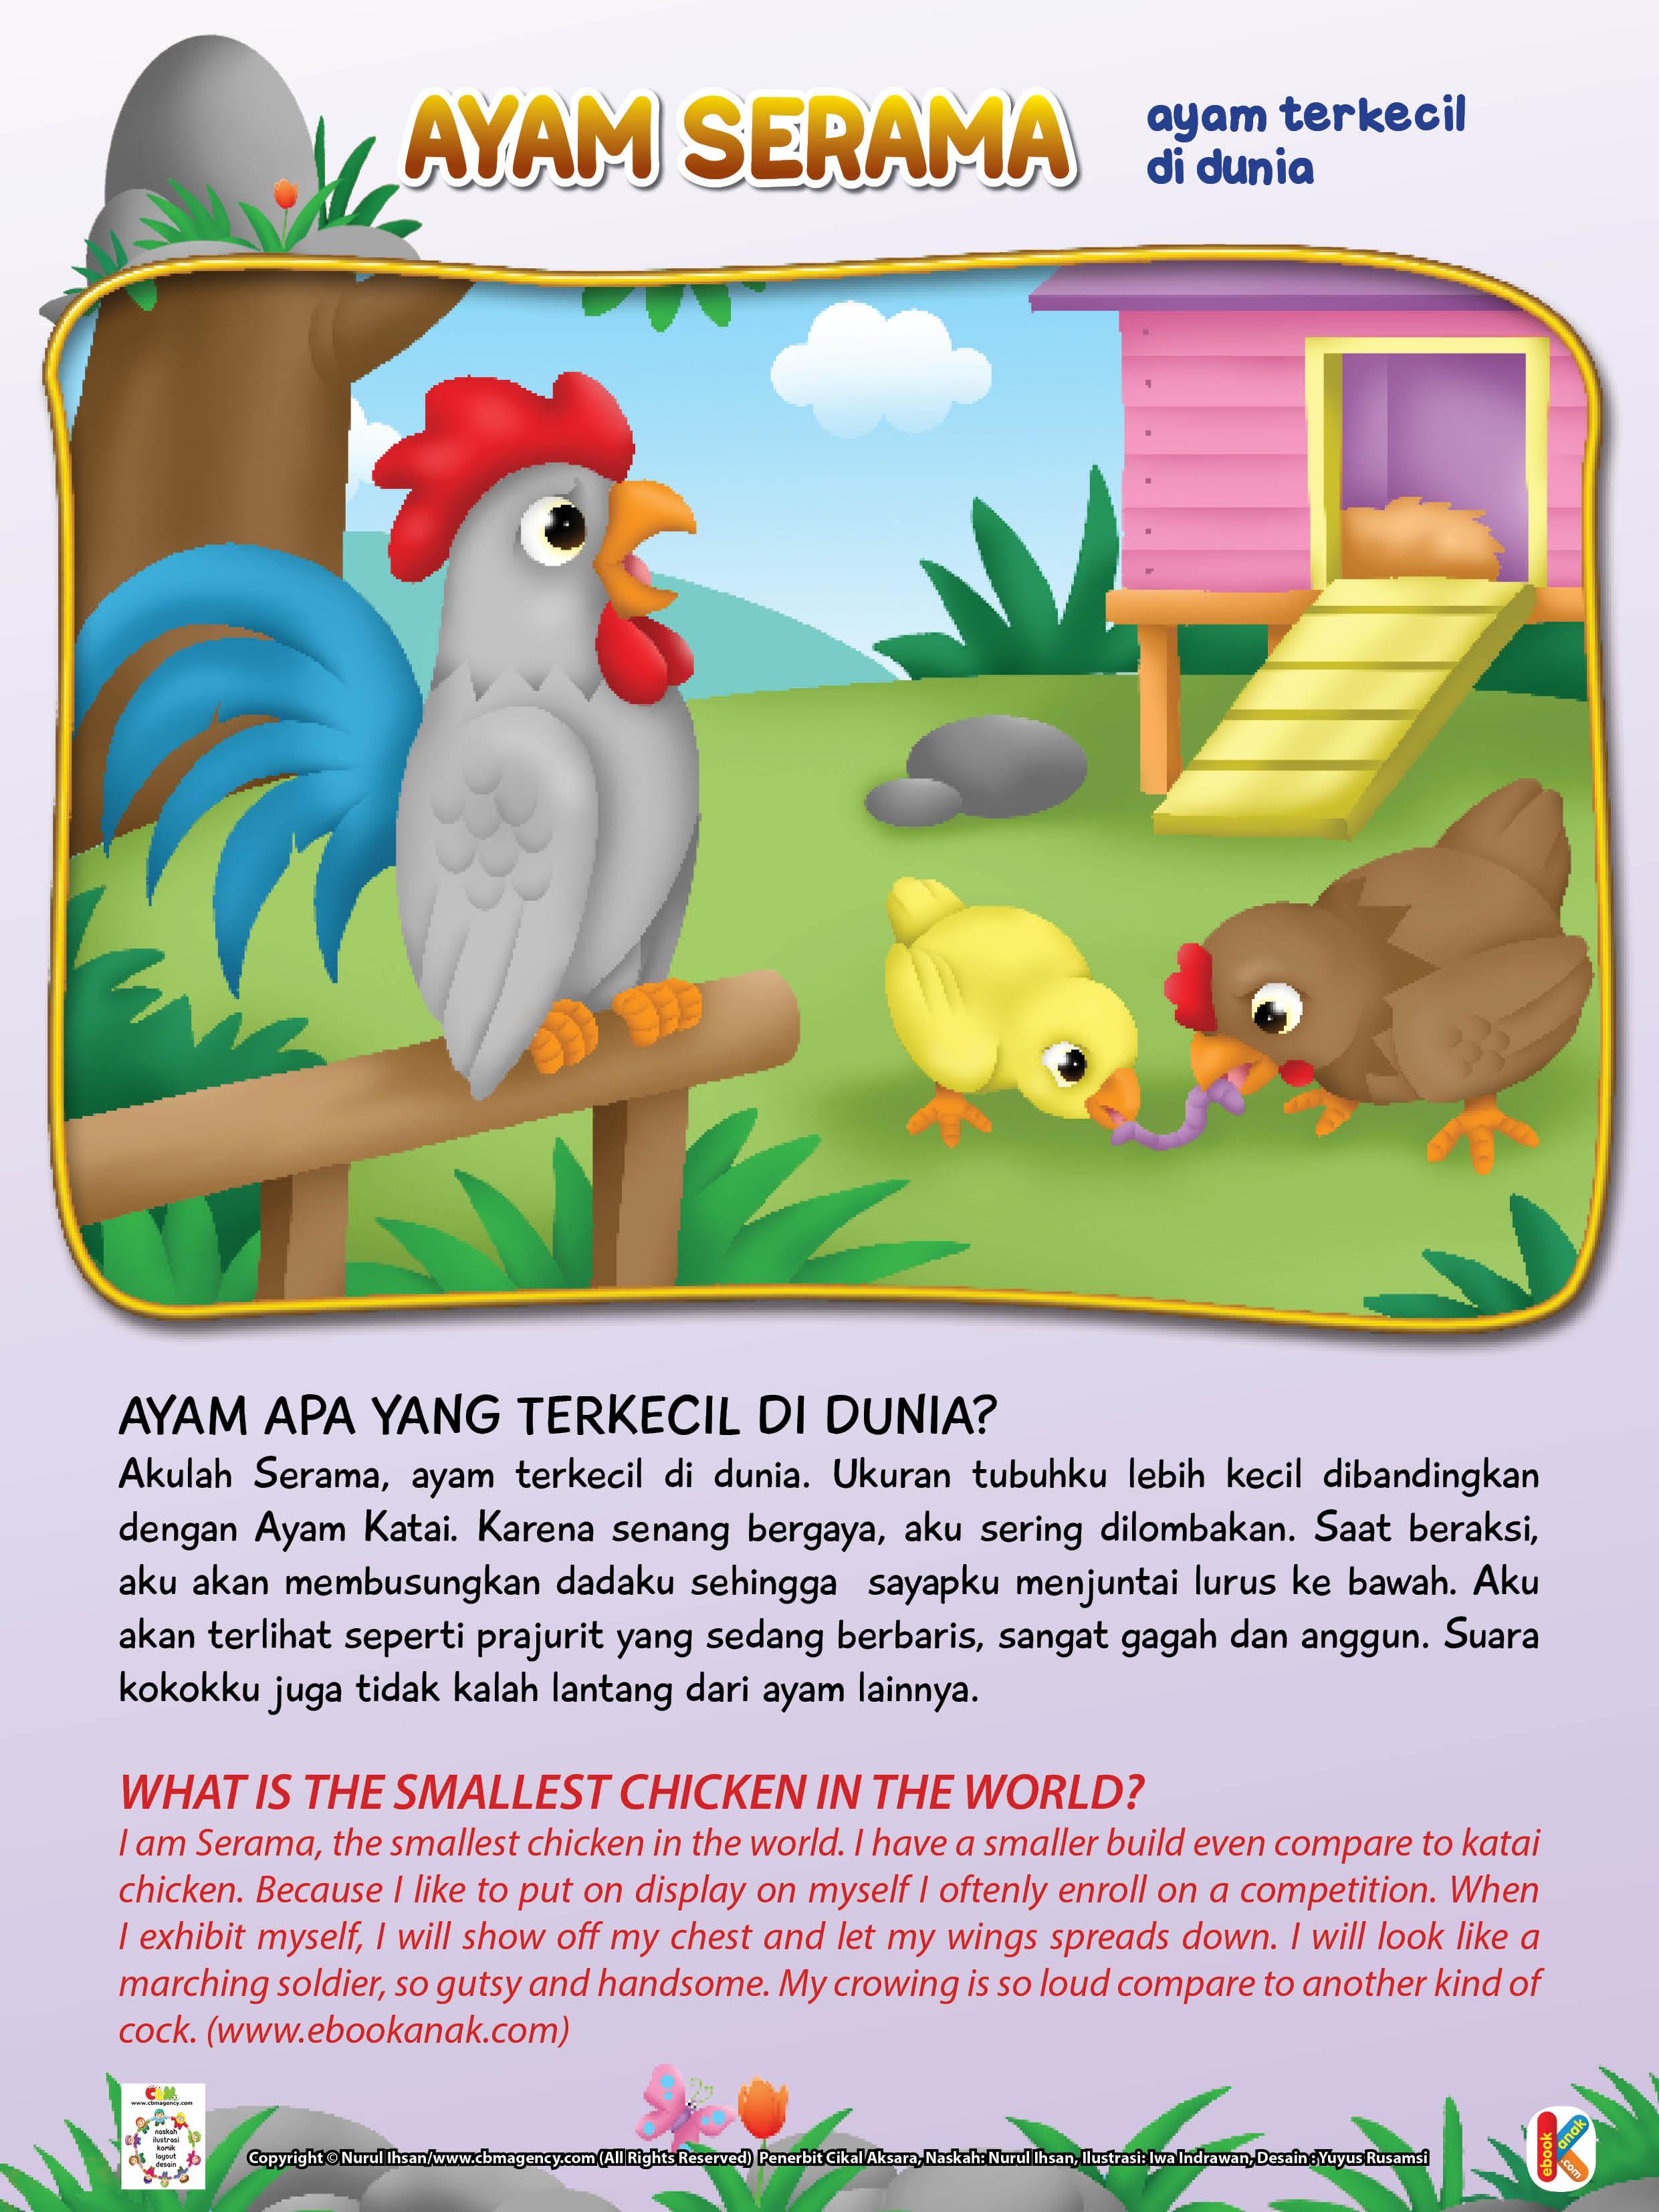 Karena senang bergaya, ayam serama sering dilombakan.